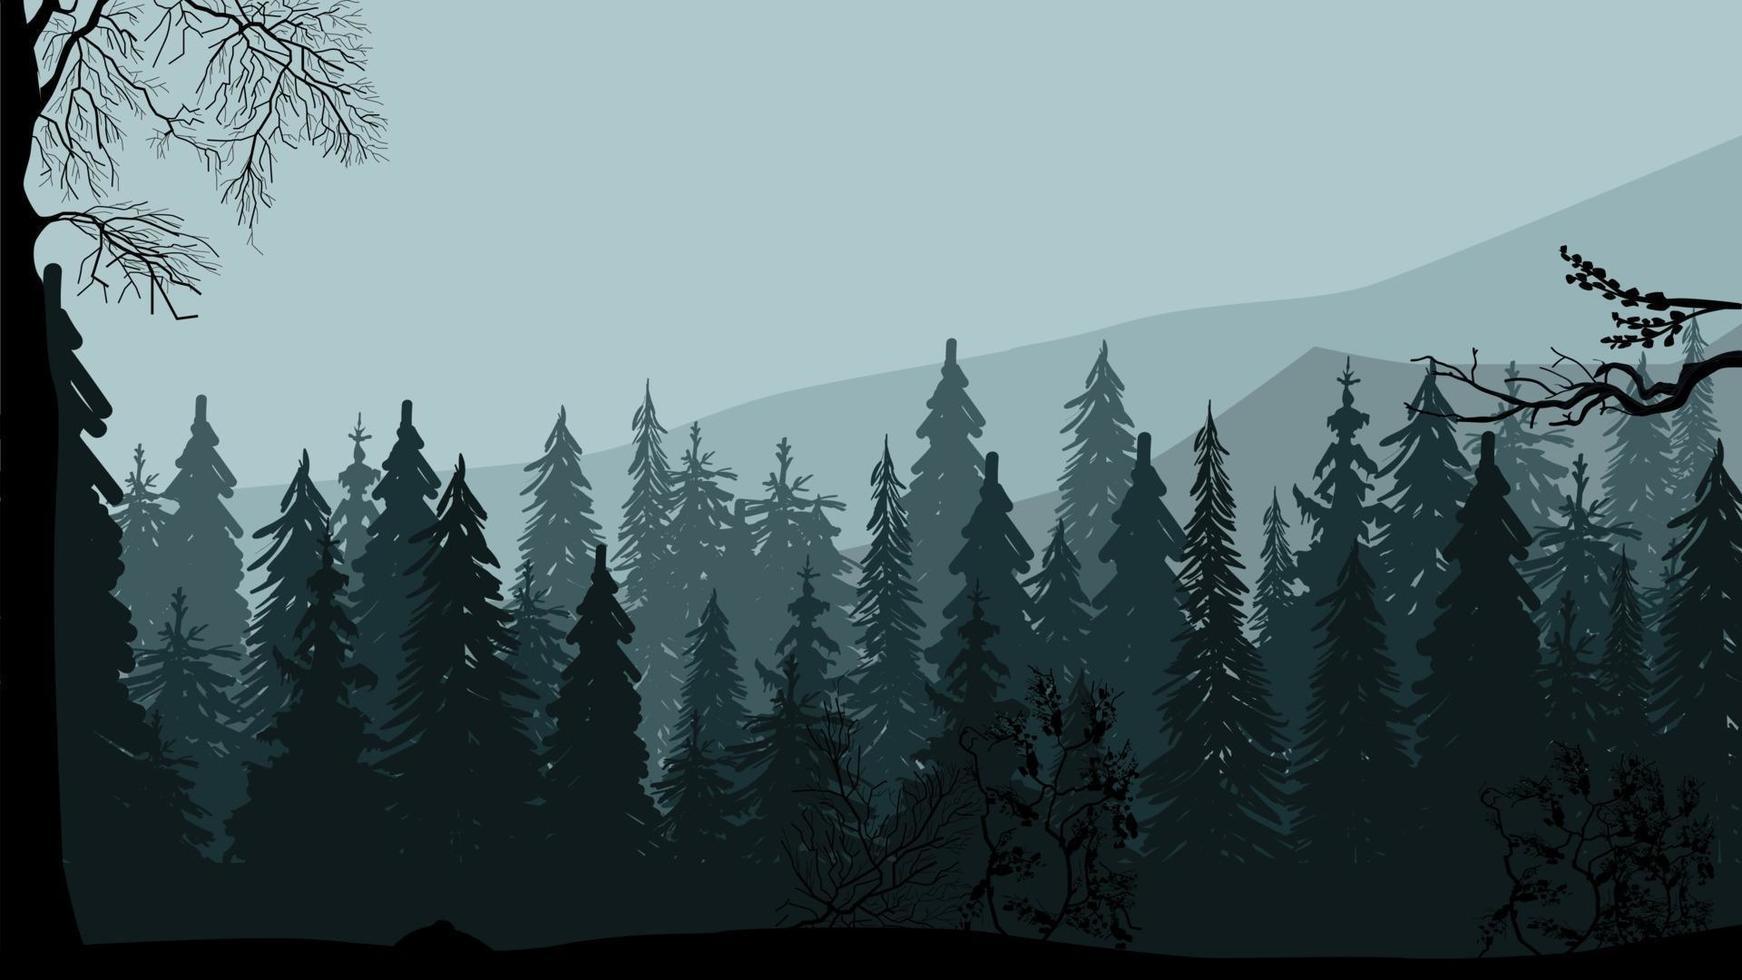 pineta scura, montagne e cielo grigio, paesaggio serale grigio vettore